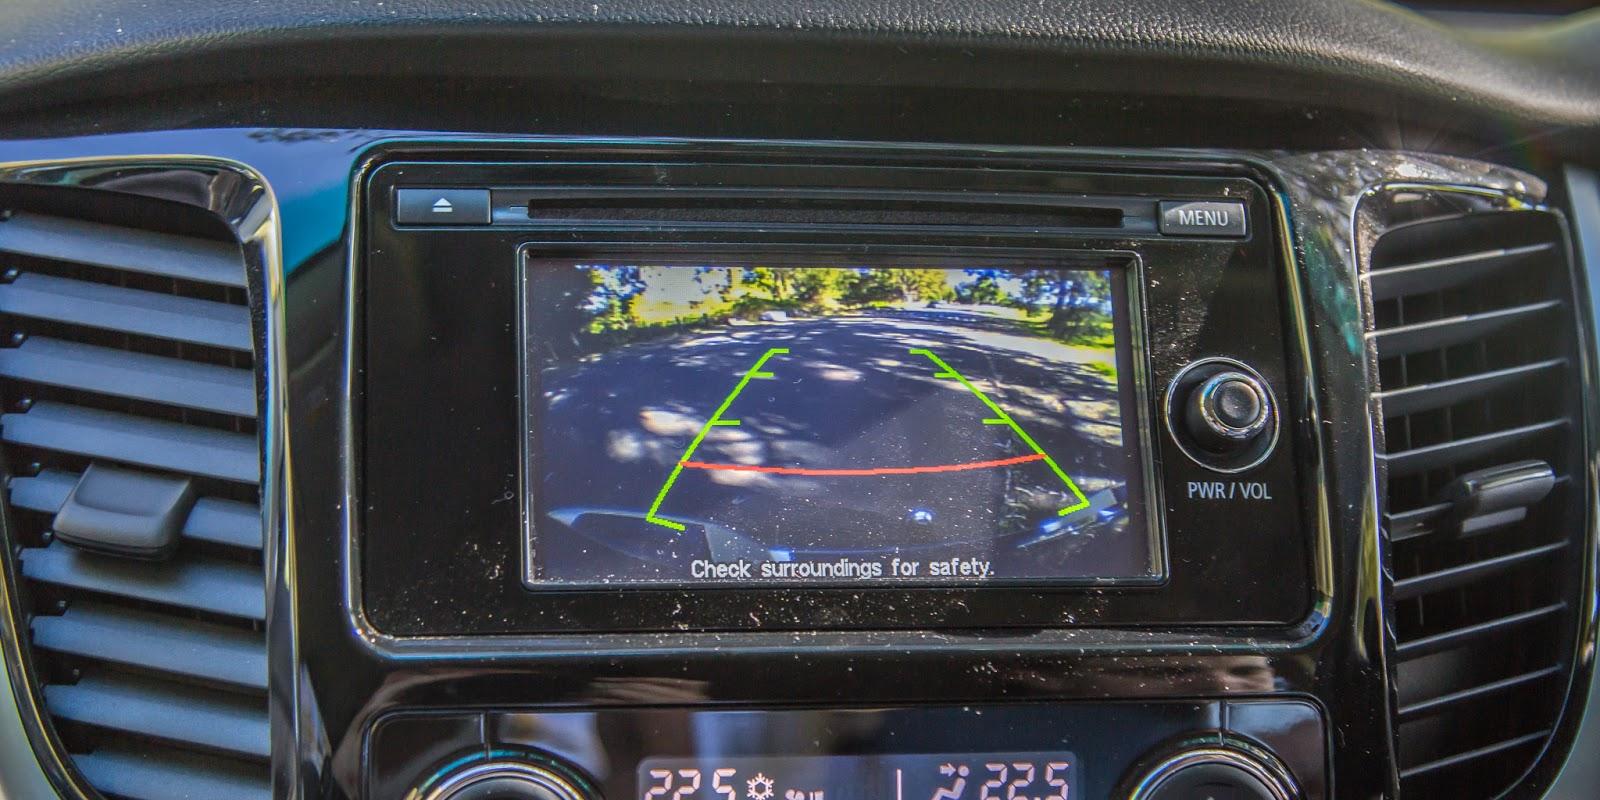 Camera lùi được trang bị trên xe như là trang bị tiêu chuẩn